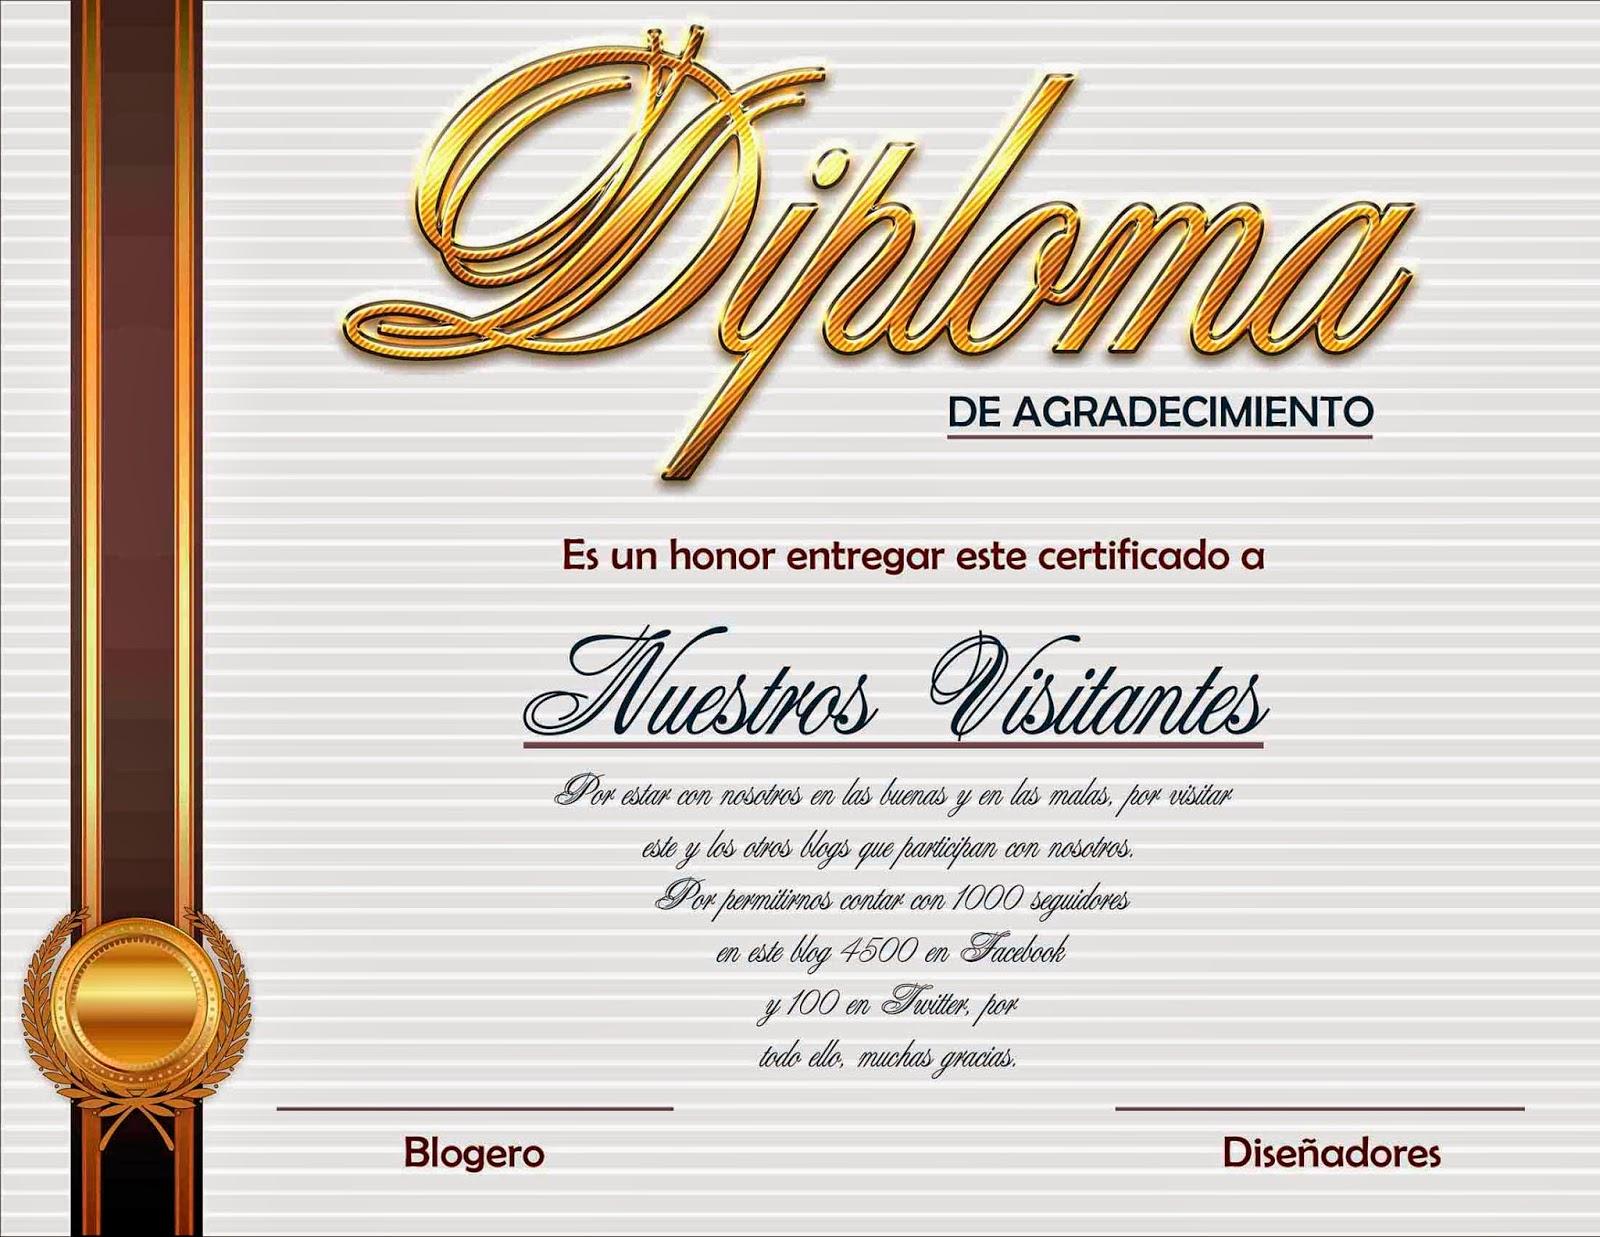 Diplomas De Reconocimiento En Psd El Blog Del | apexwallpapers.com